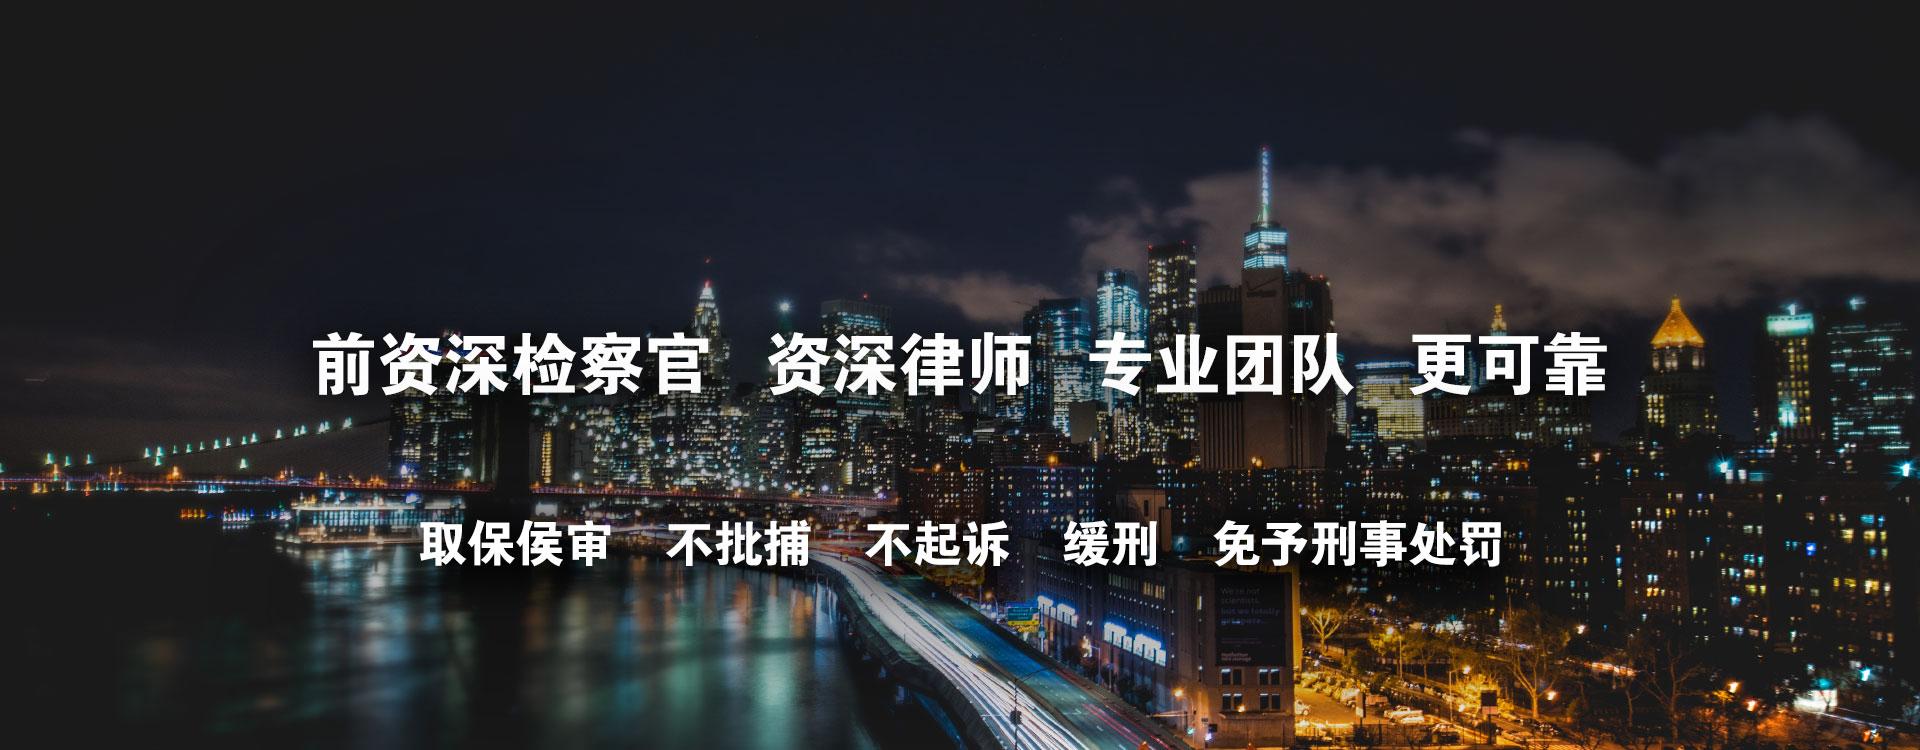 郑州律师事务所排名